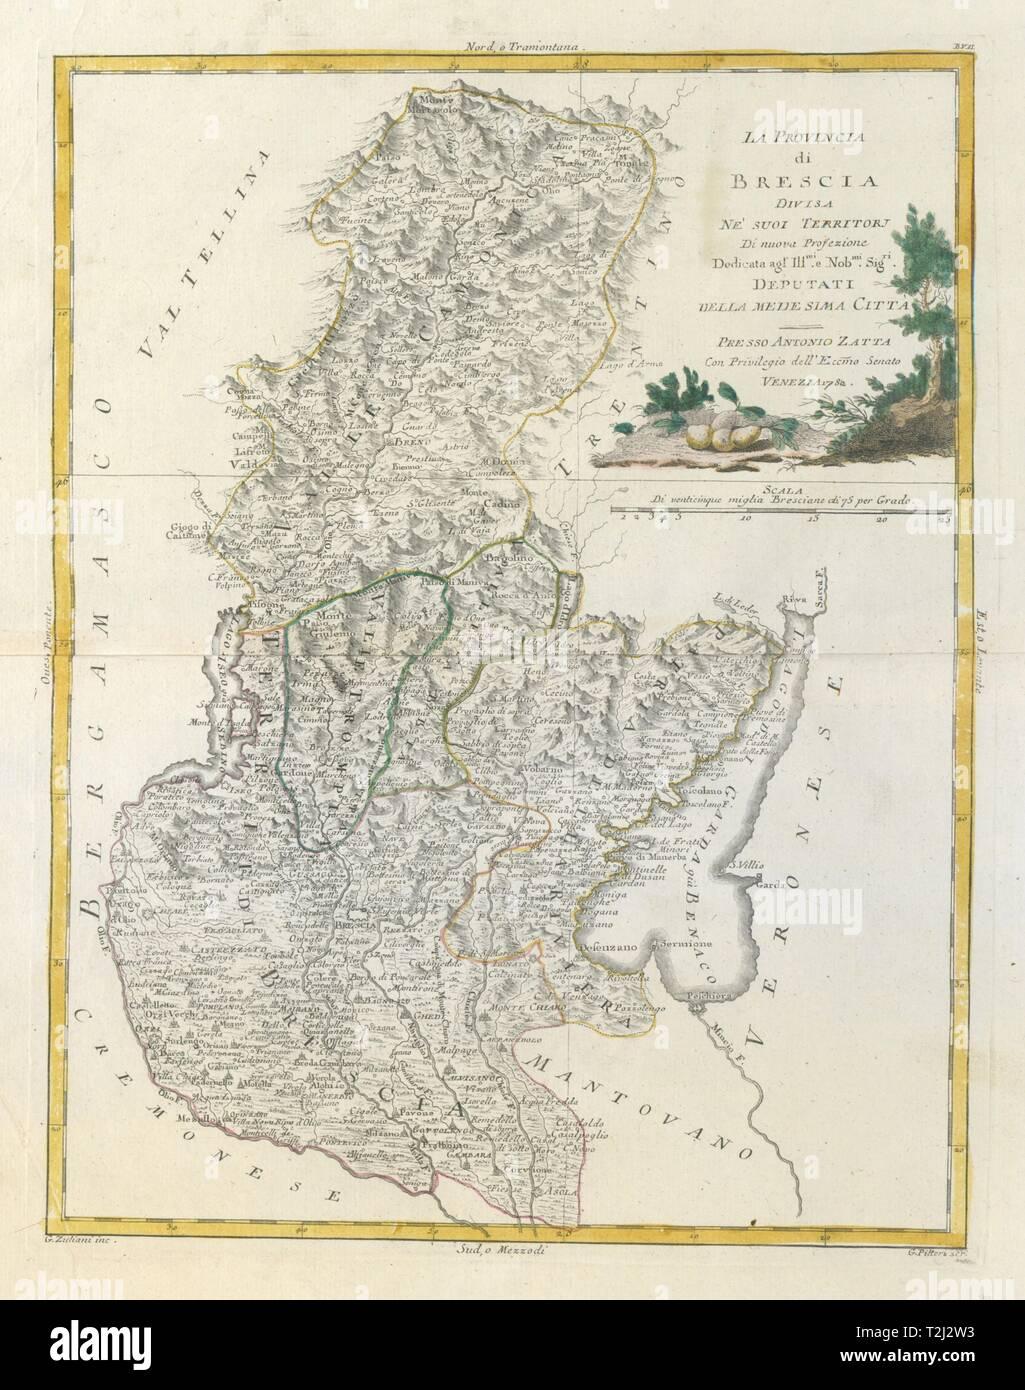 'La Provincia di Brescia'. Lombardy. Lake / Lago di Garda & Iseo. ZATTA 1784 map - Stock Image